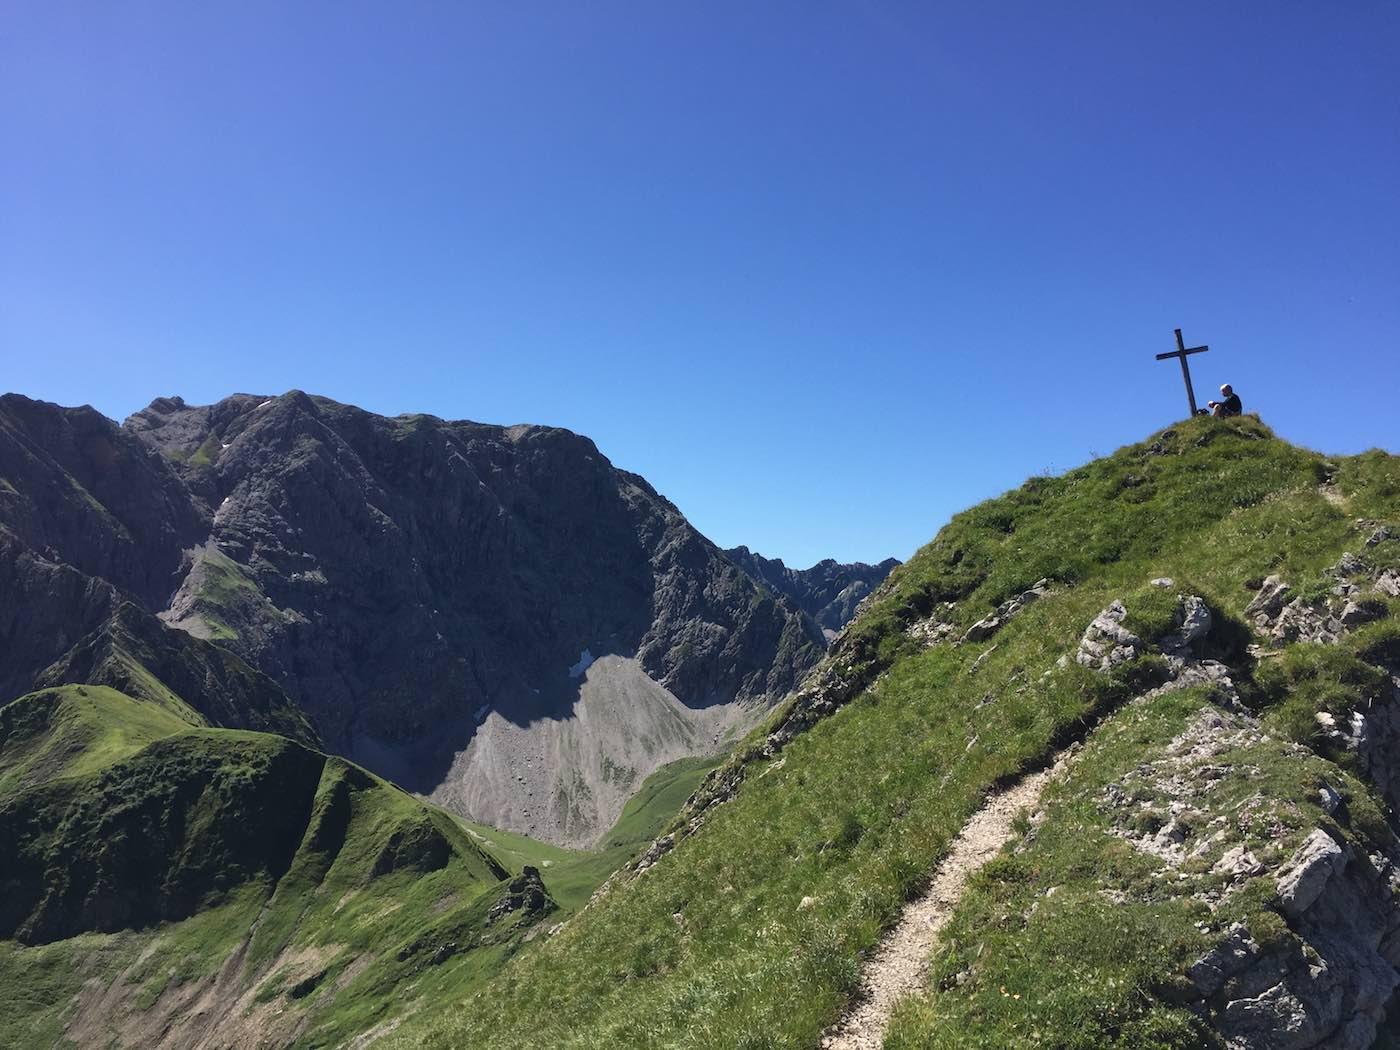 Gipfelkreuz der Heubatspitze